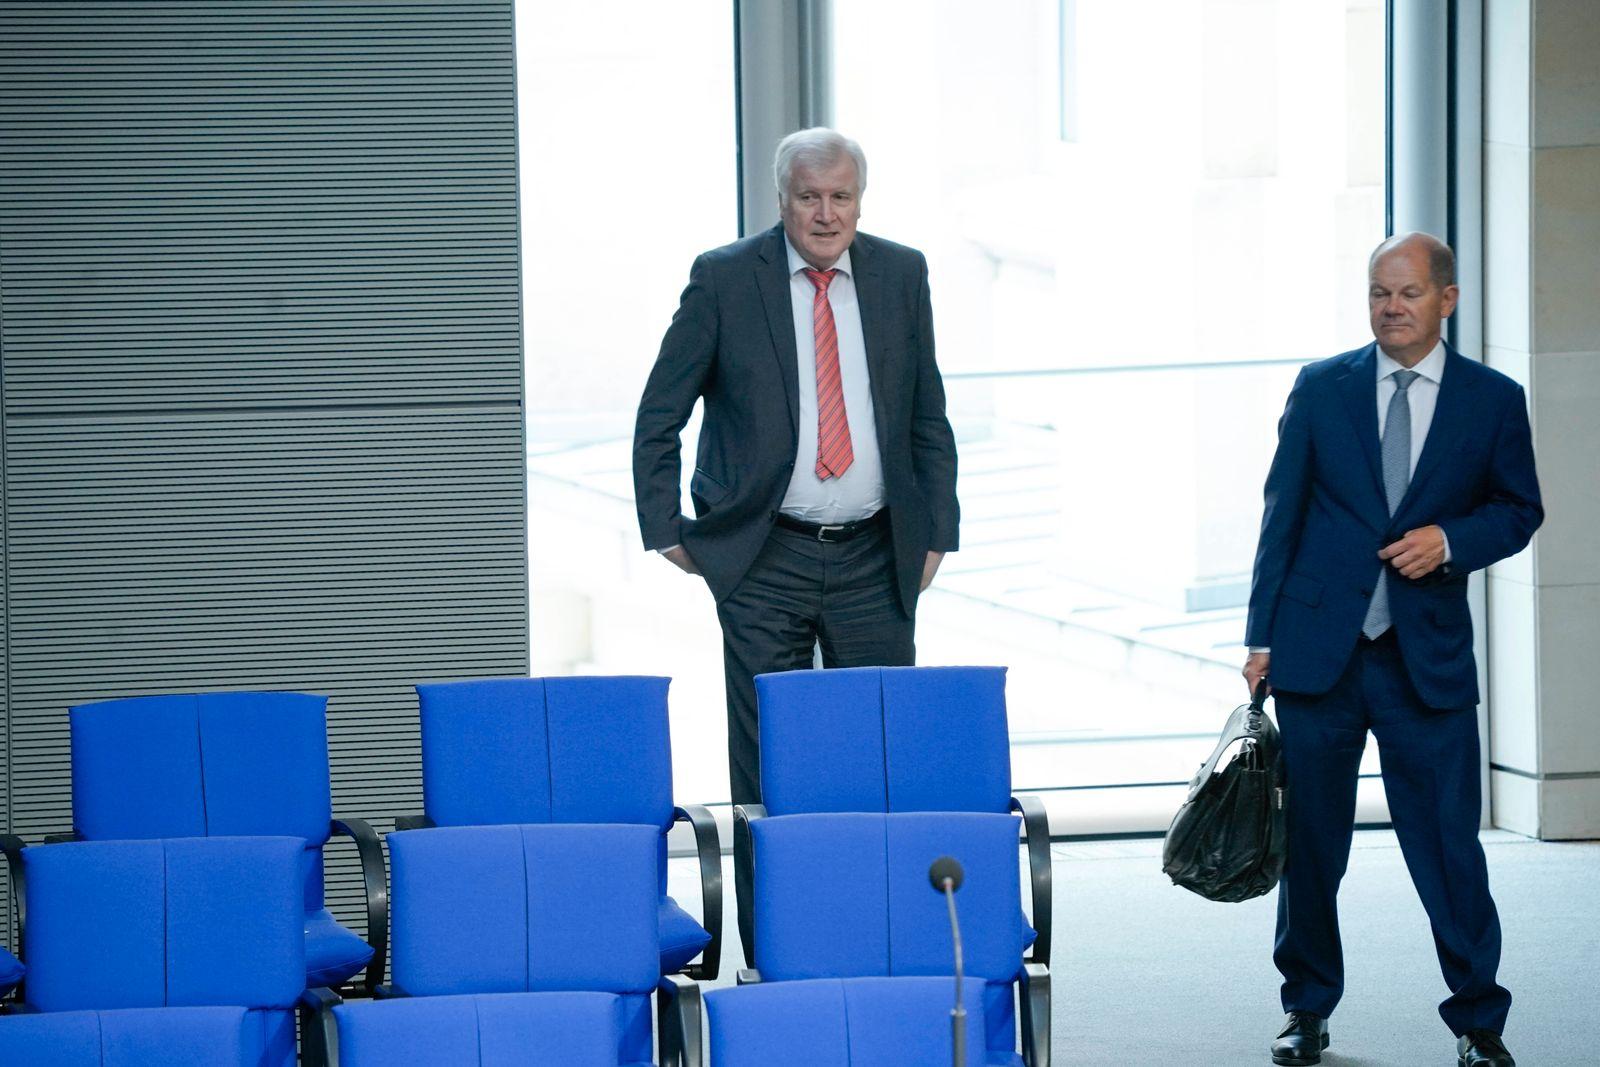 172. Sitzung des Deutschen Bundestag in Berlin Aktuell, 09.09.2020, Berlin Horst Seehofer, Innenminister und Olaf Schol